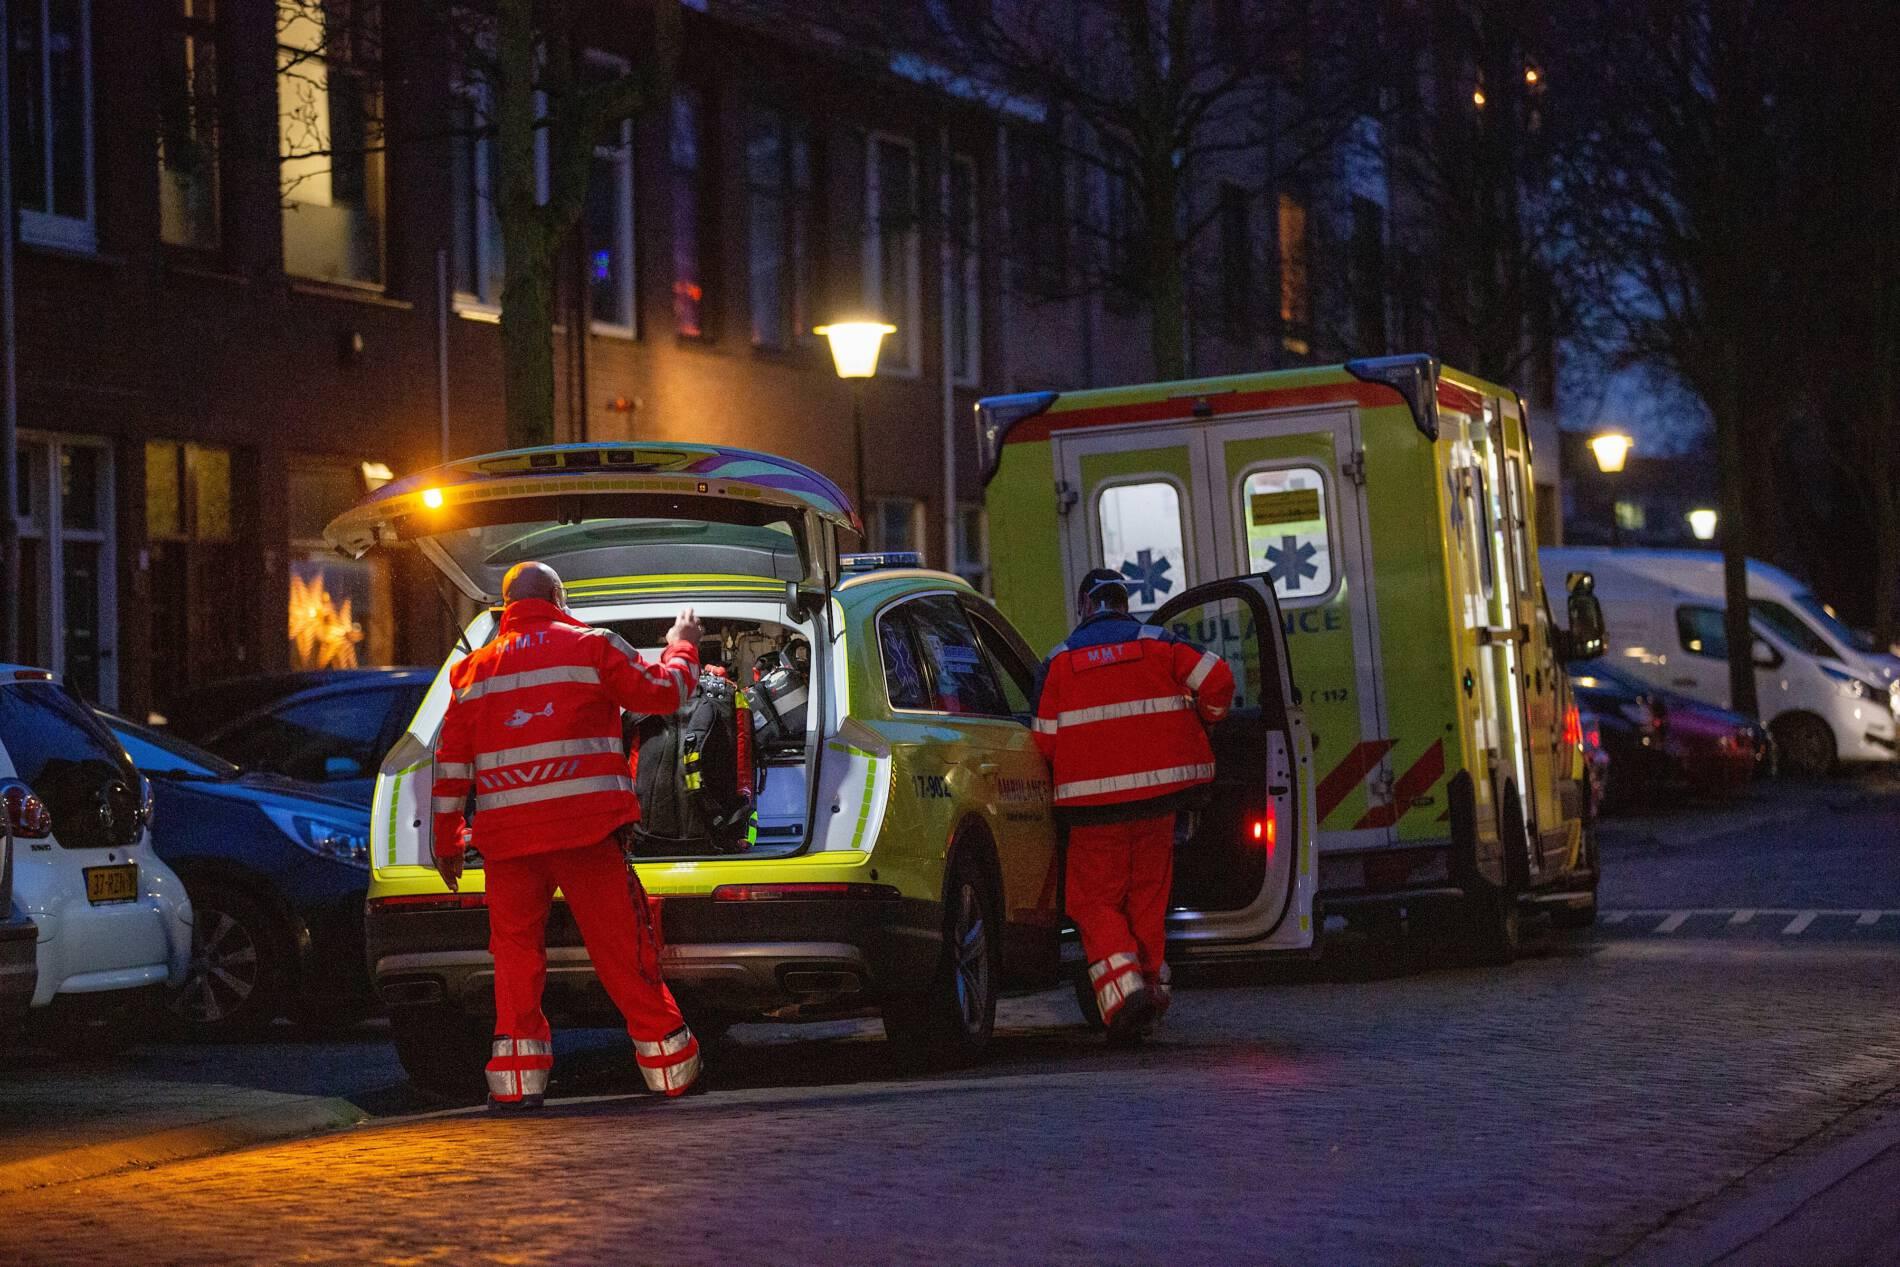 MMT per auto naar  medische noodsituatie in woning Vlaardingen